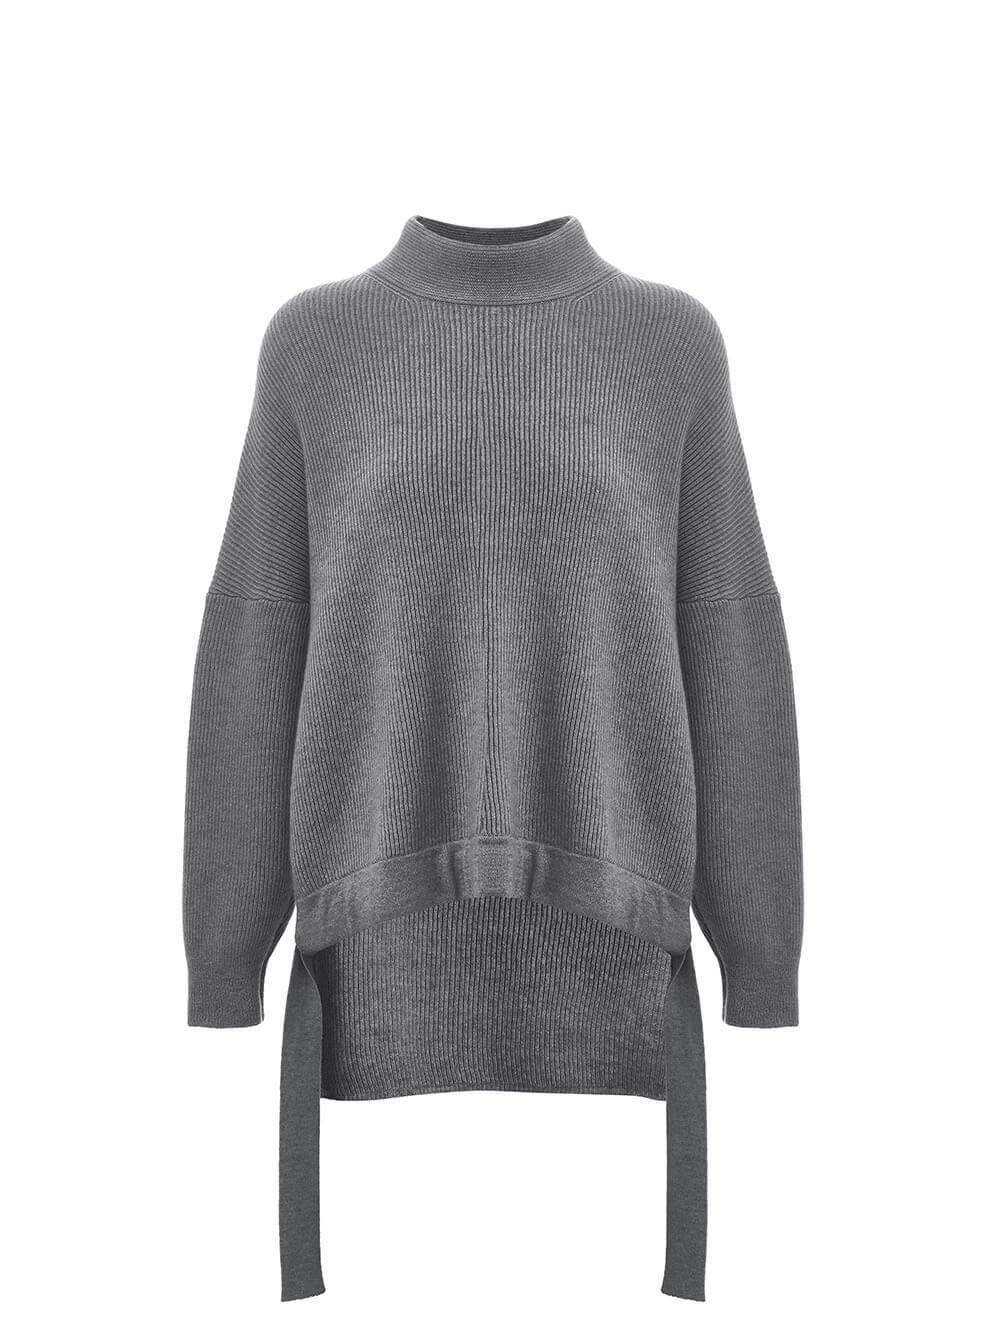 Женский свитер темно-серого цвета из 100% кашемира - фото 1